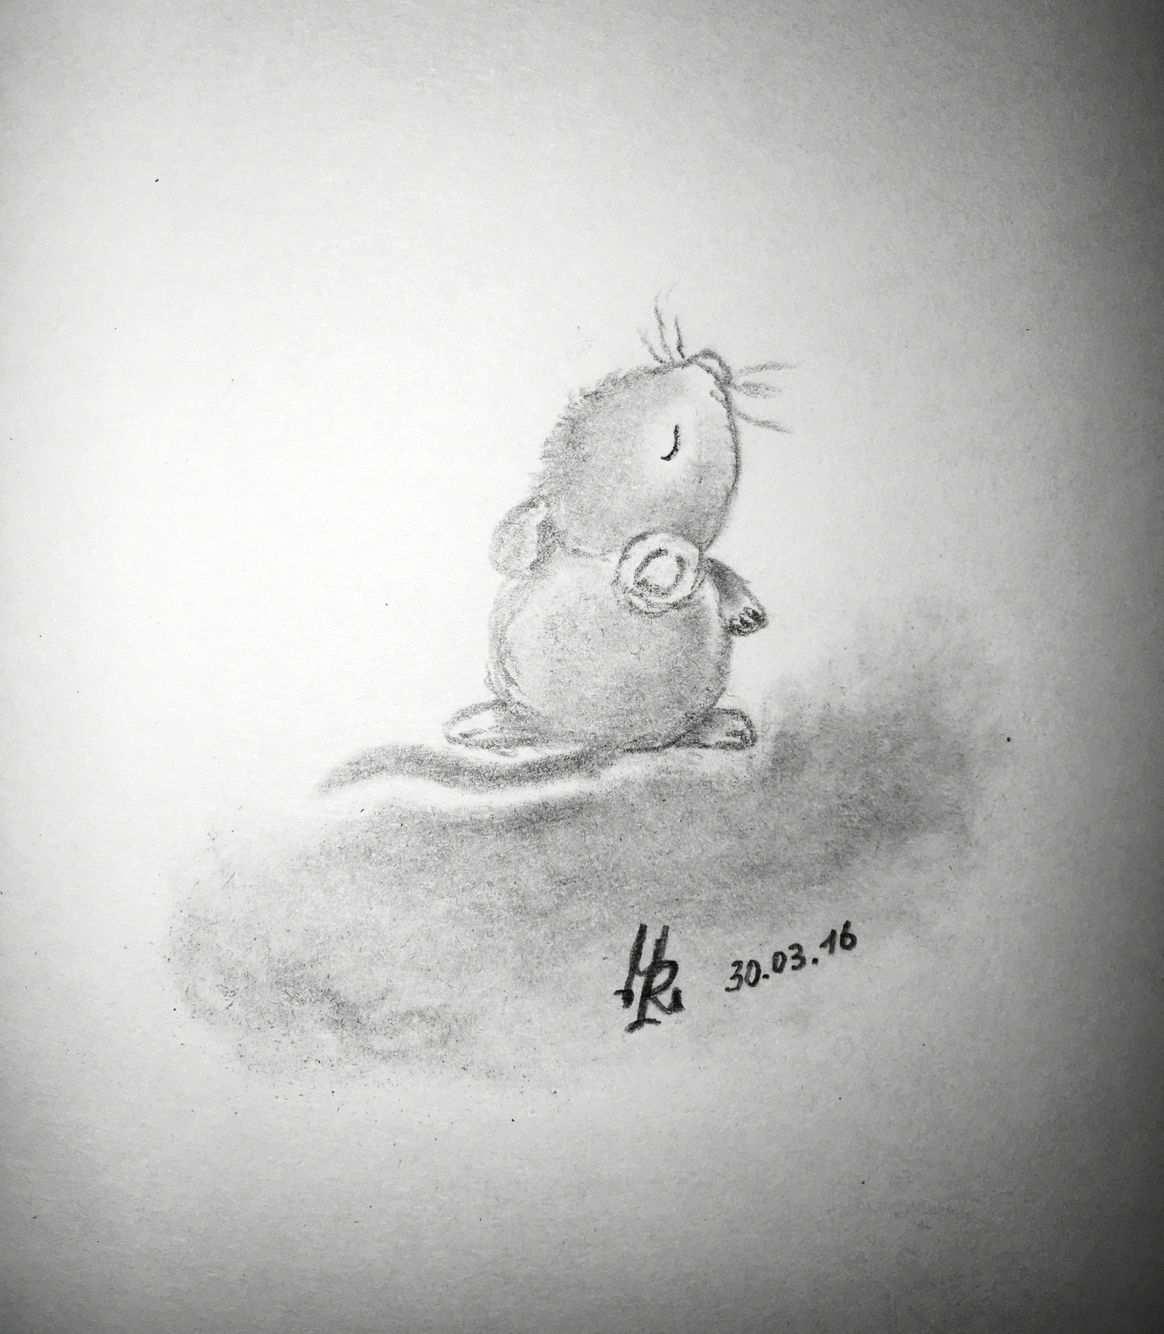 Du Bist So Nah Und Doch So Fern Zeichnungen Zeichnen Zeichnung Bleistift